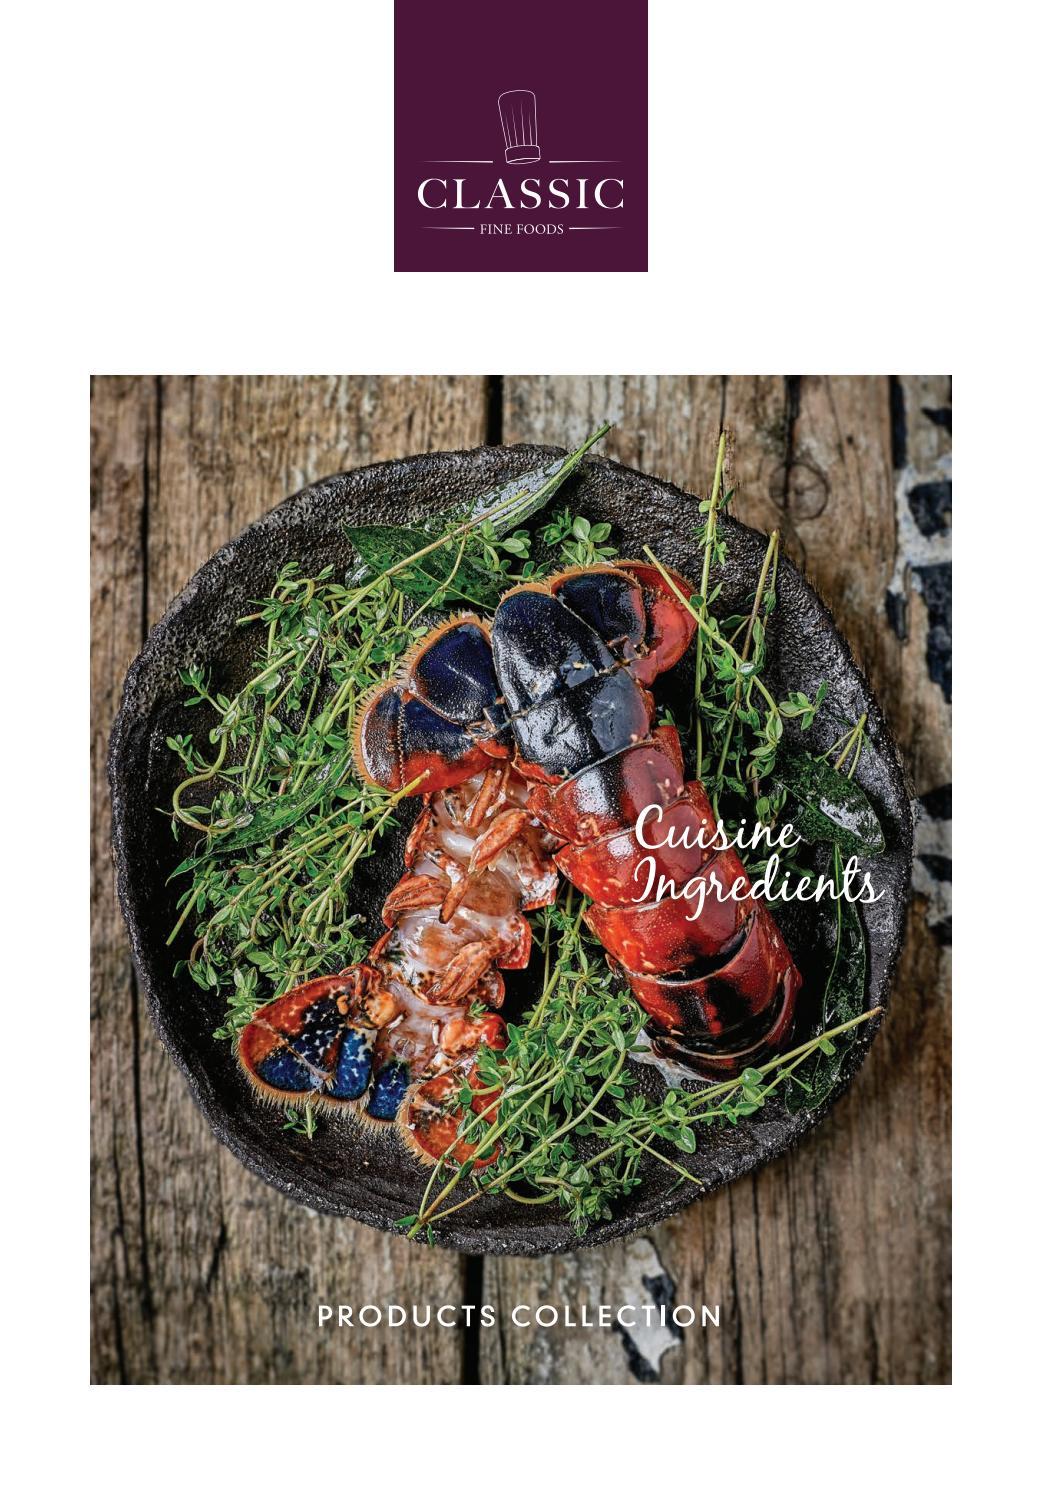 Modele De Bar Pour Cuisine cff sg - cuisine ingredients - catalogue 2019classic